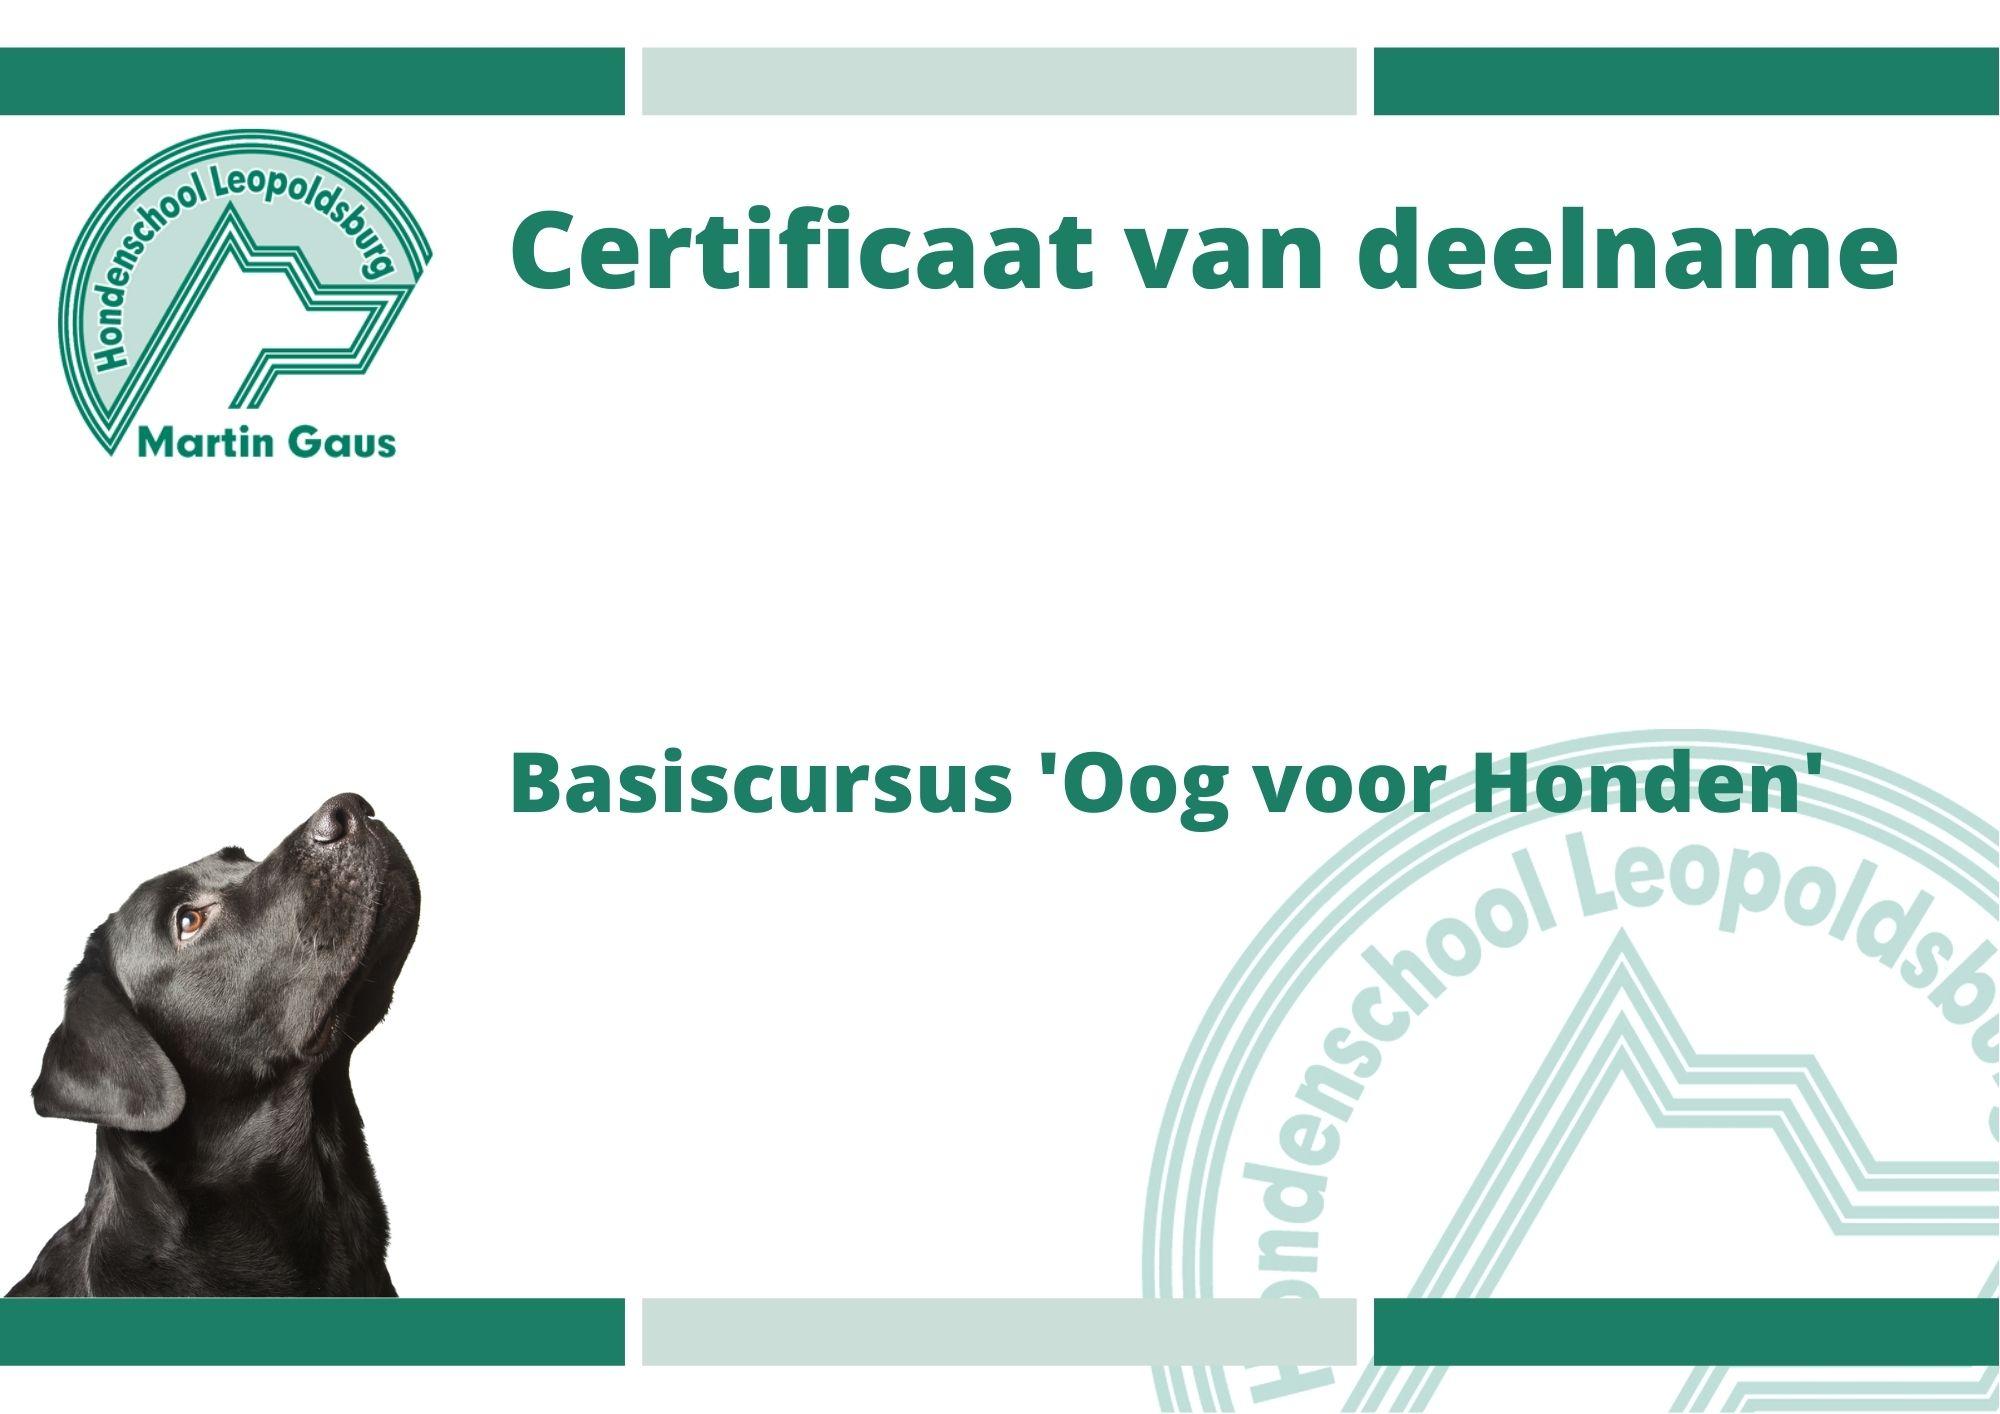 Basiscursus 'Oog voor Honden' – Eindevaluatie